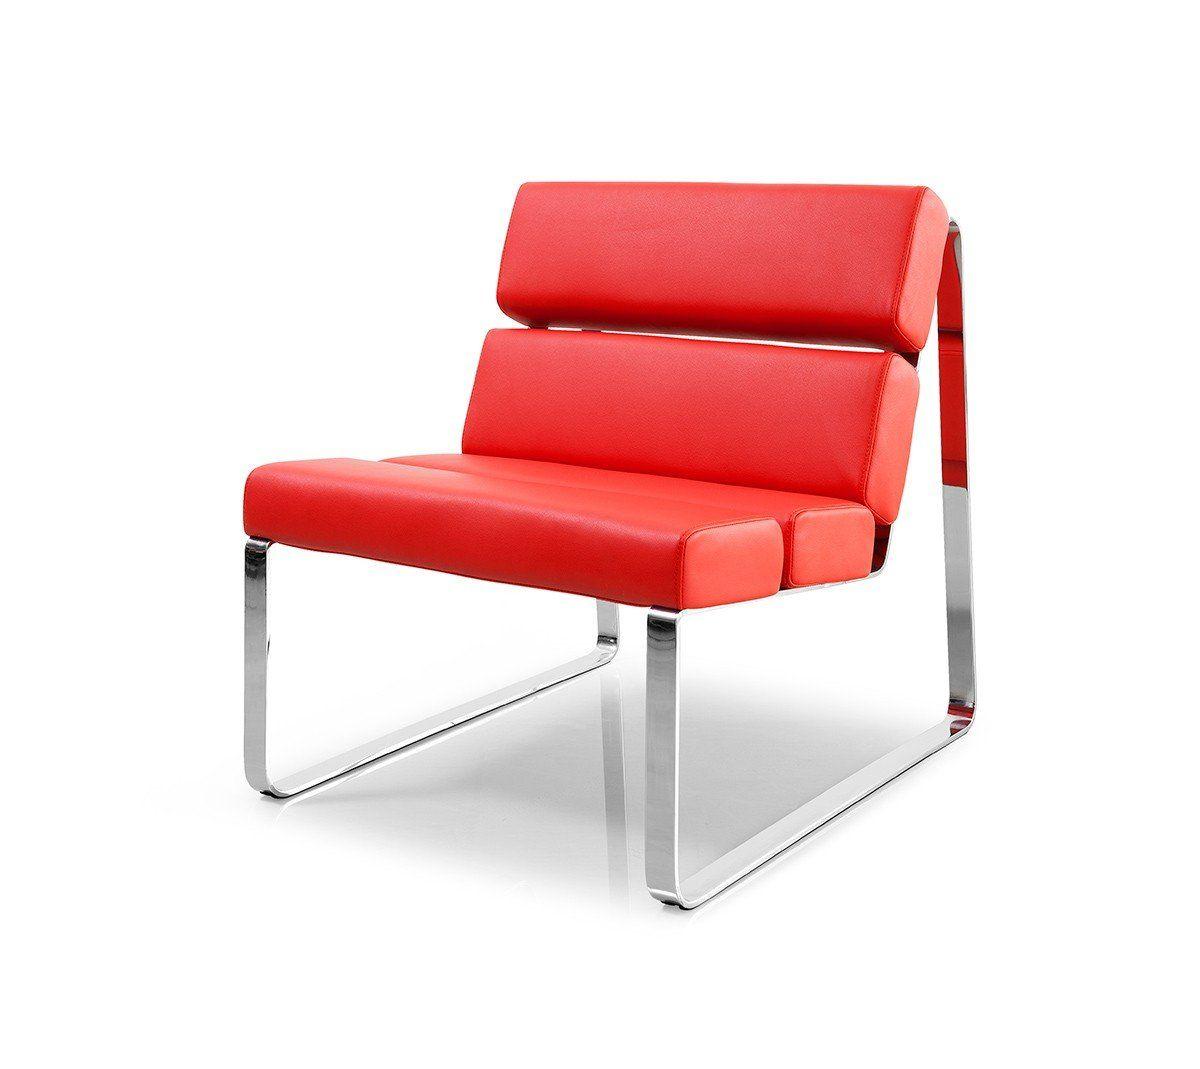 Dimensions W27 Quot D33 Quot H31 Quot El011 Wht Chair Modern